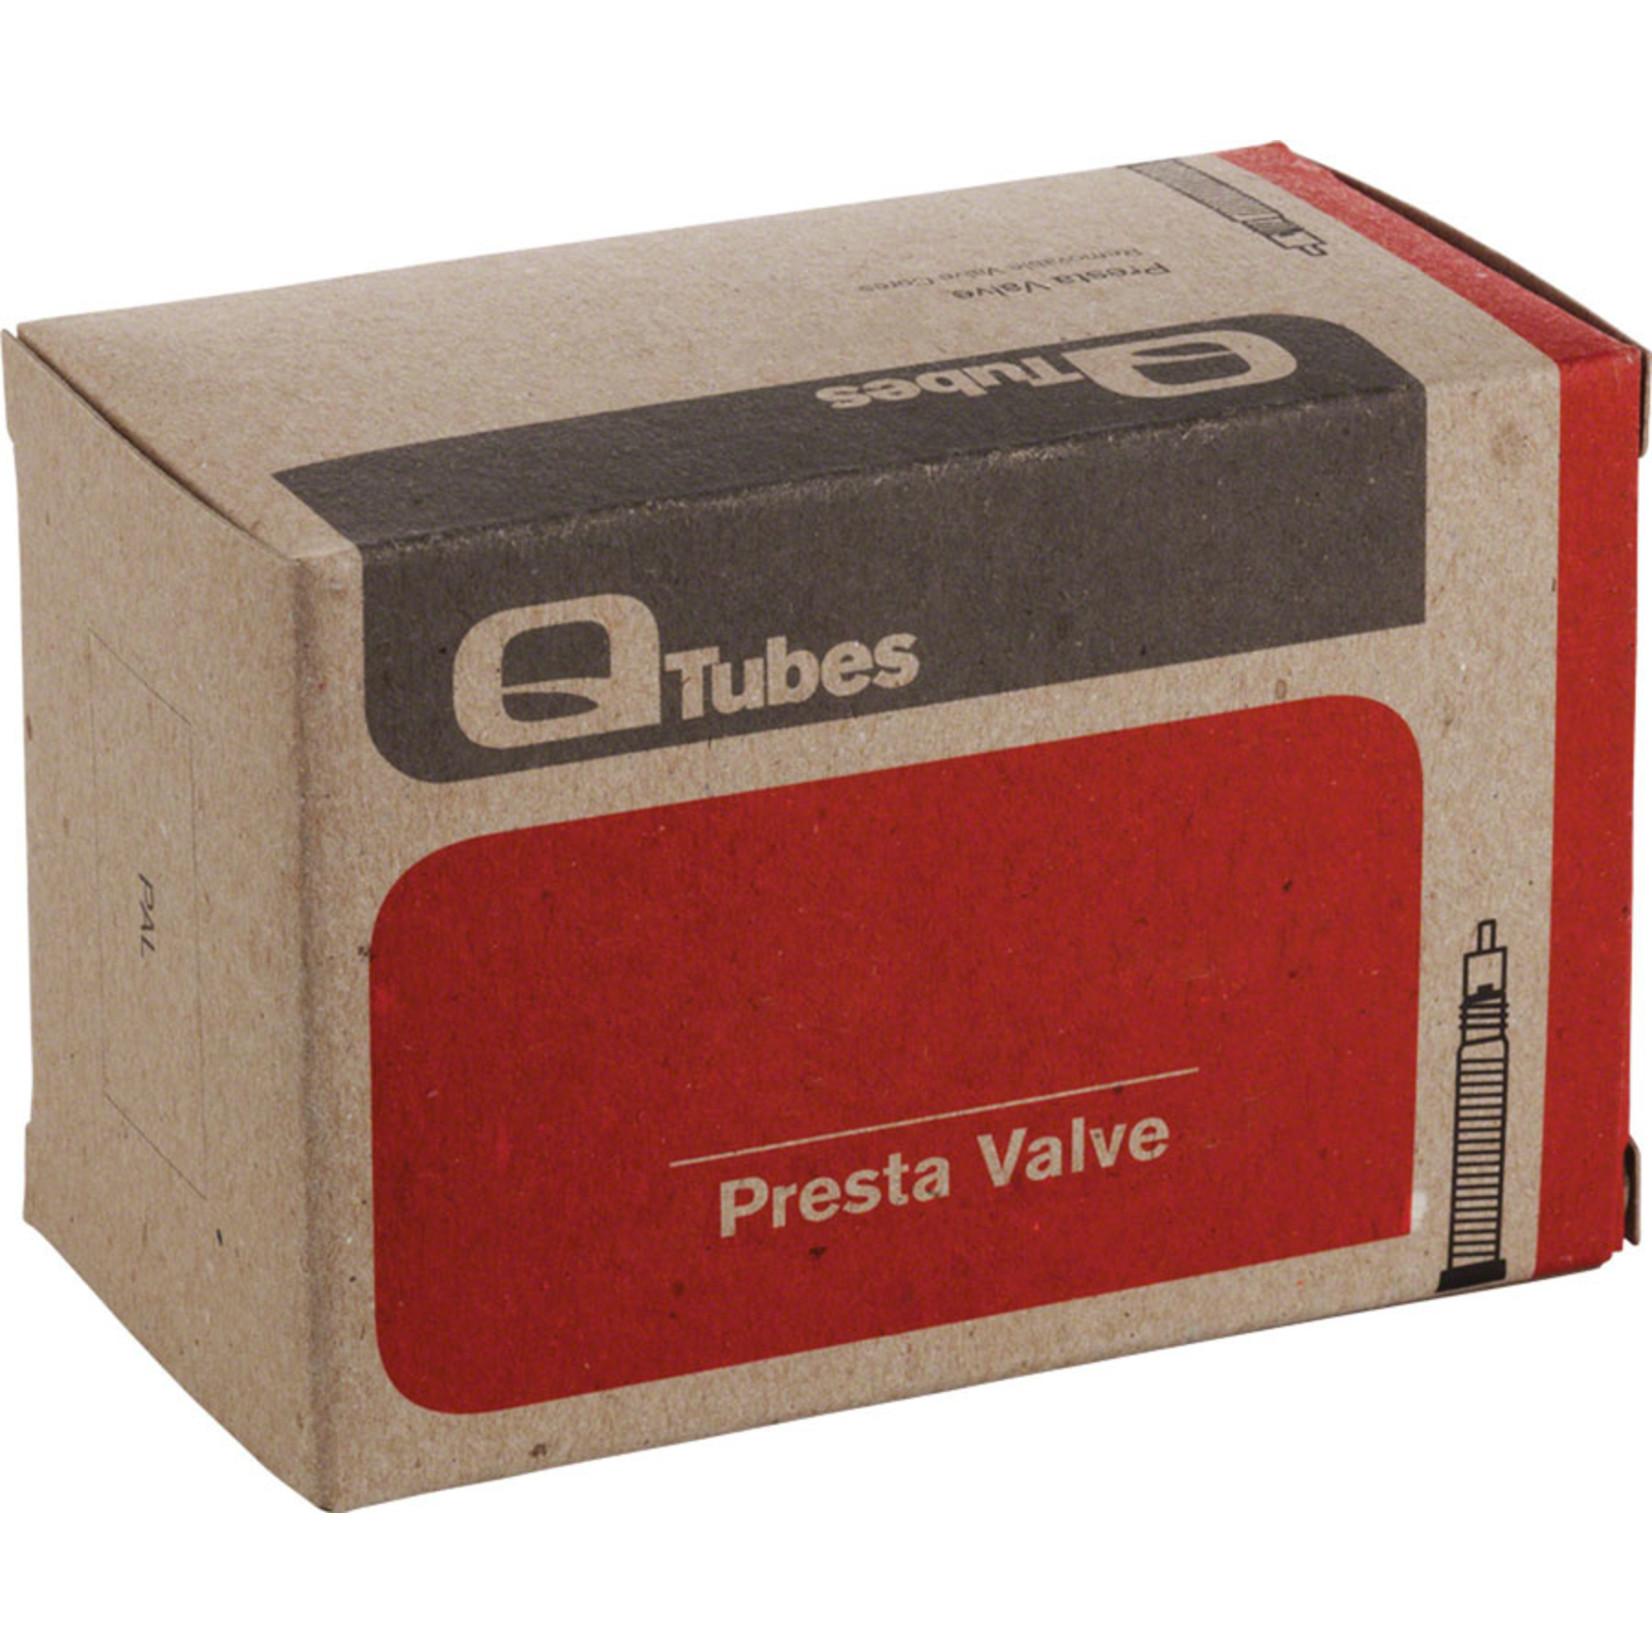 """Q-Tubes Q-Tubes 16"""" x 1.25-1.5"""" 32mm Presta Valve Tube 76g"""